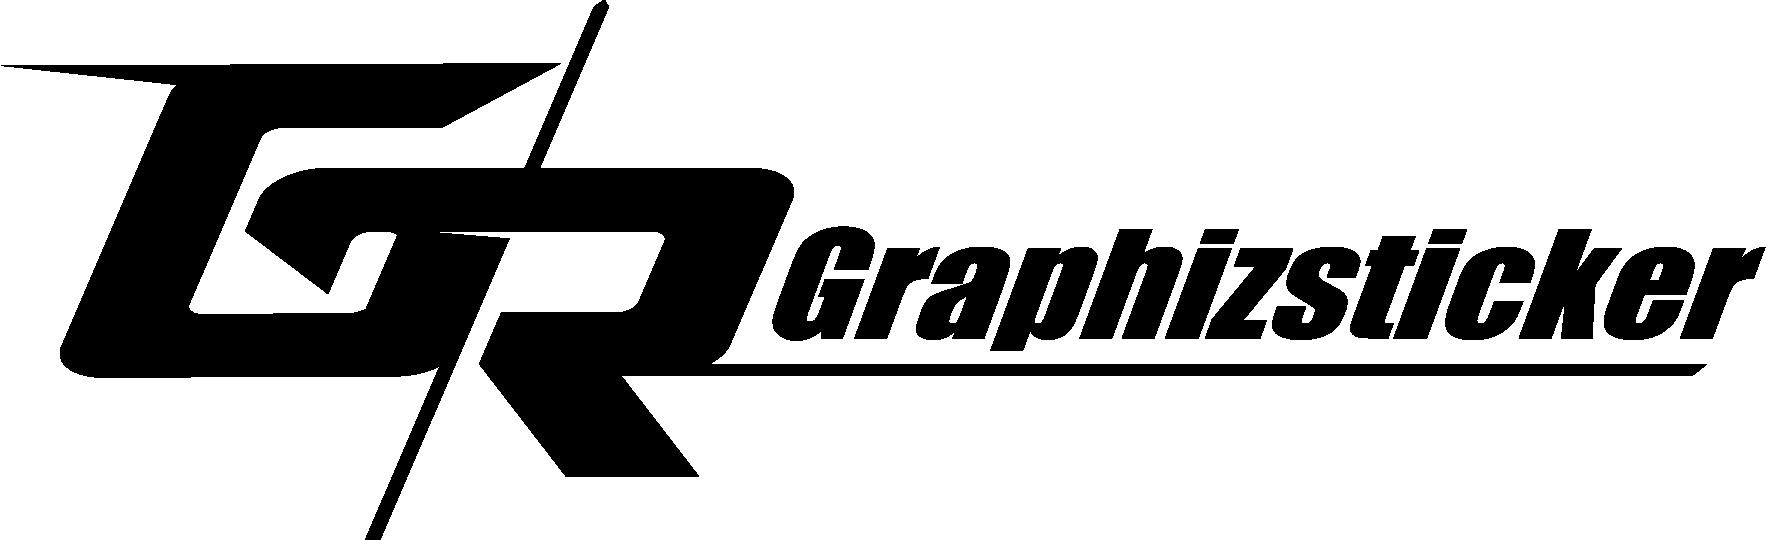 Graphizsticker